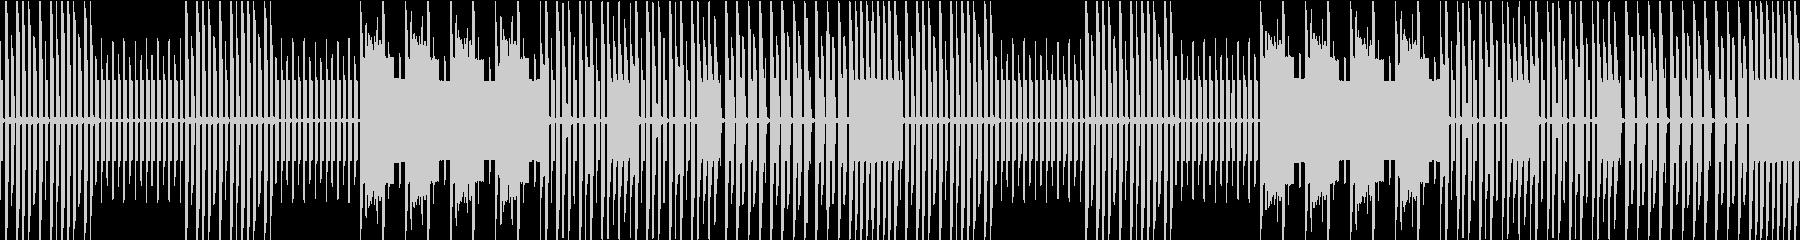 FC風ループ 秘密の通路の未再生の波形